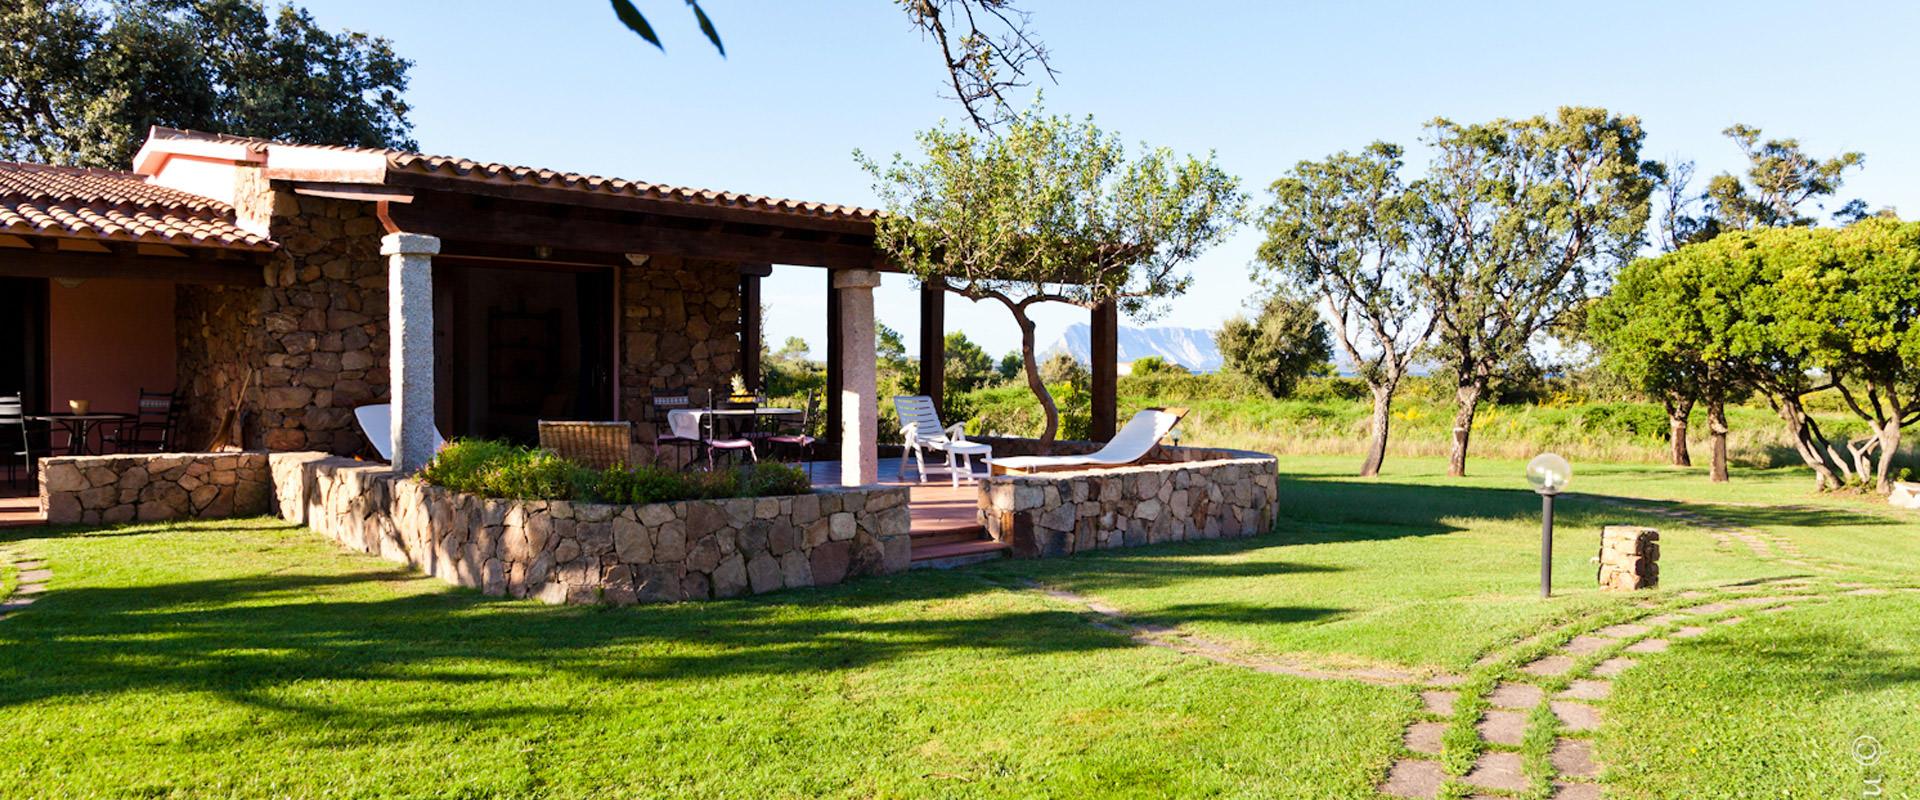 Villaggio isuledda vacanze a san teodoro sul mare for San teodoro appartamenti sul mare